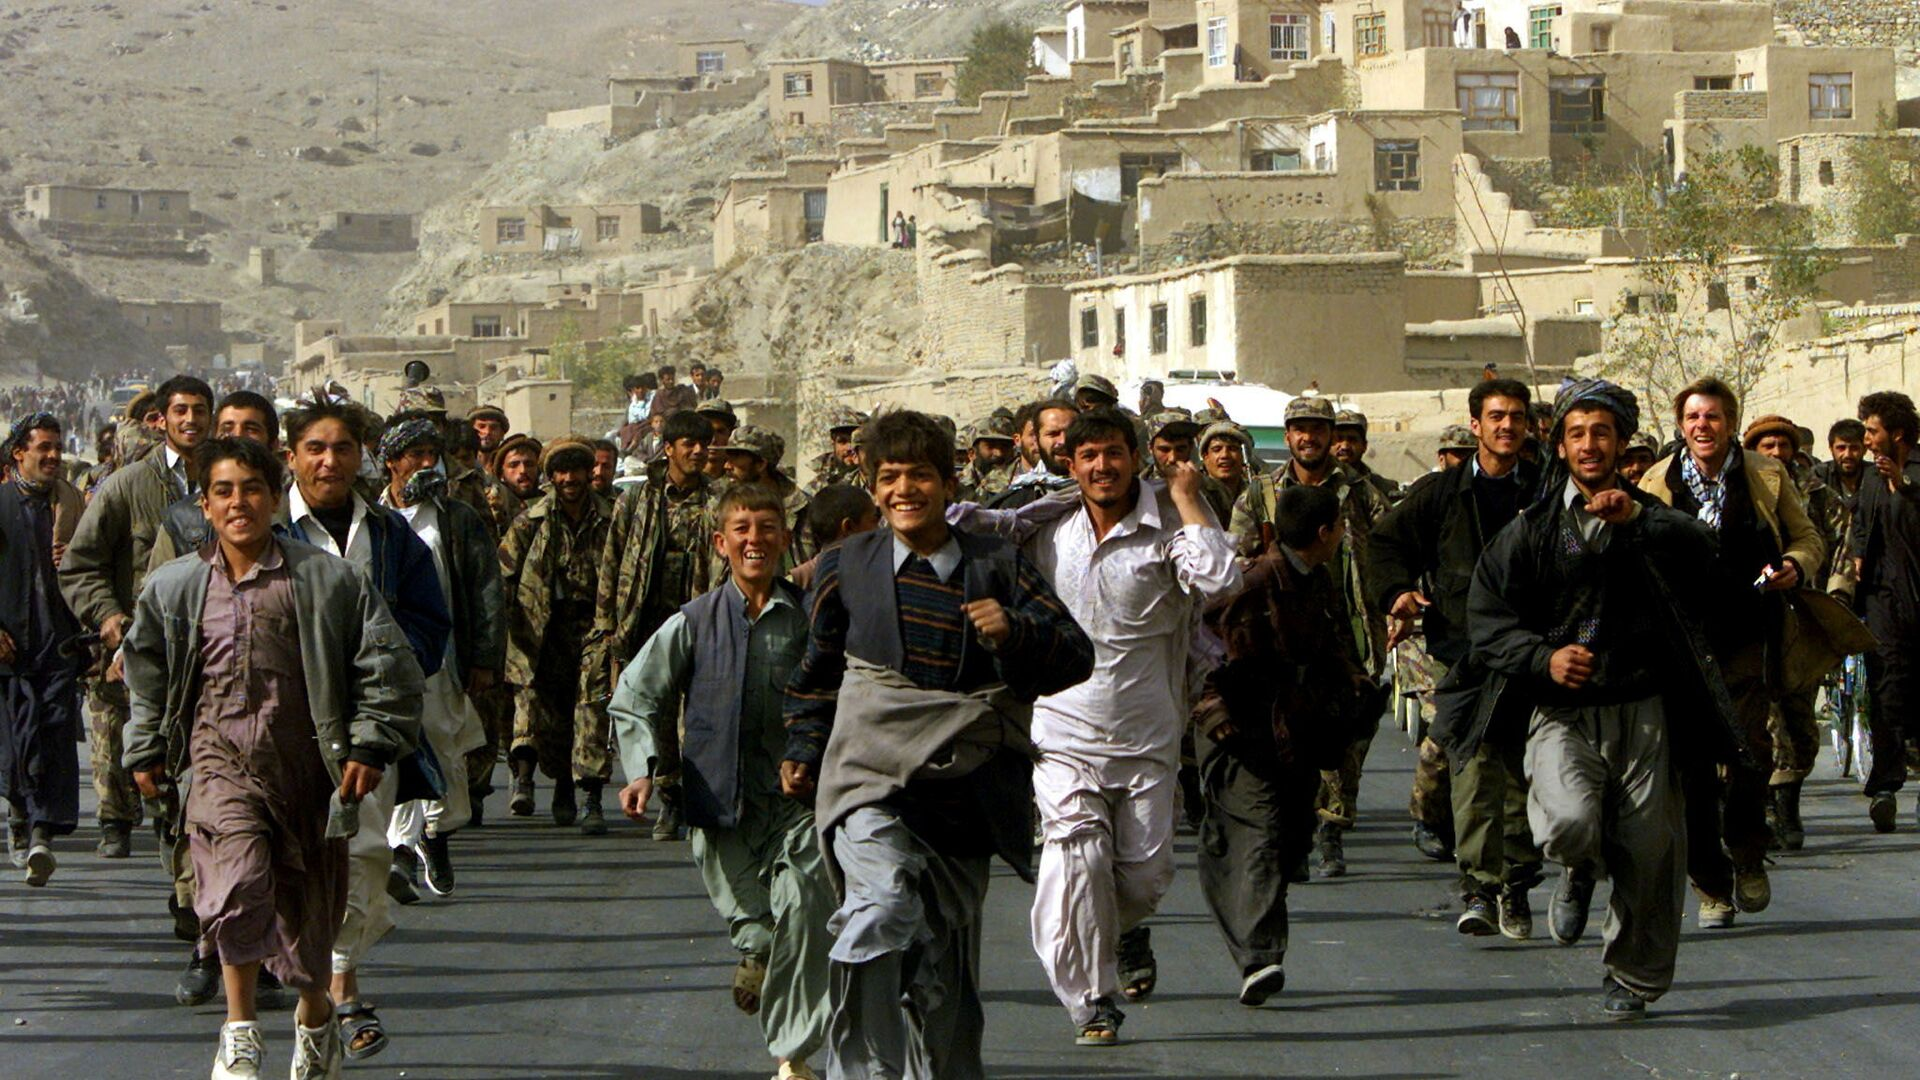 Жители Кабула празднуют и сопровождают бойцов Северного Альянса, которые входят в столицу Афганистана Кабул - Sputnik Italia, 1920, 18.08.2021